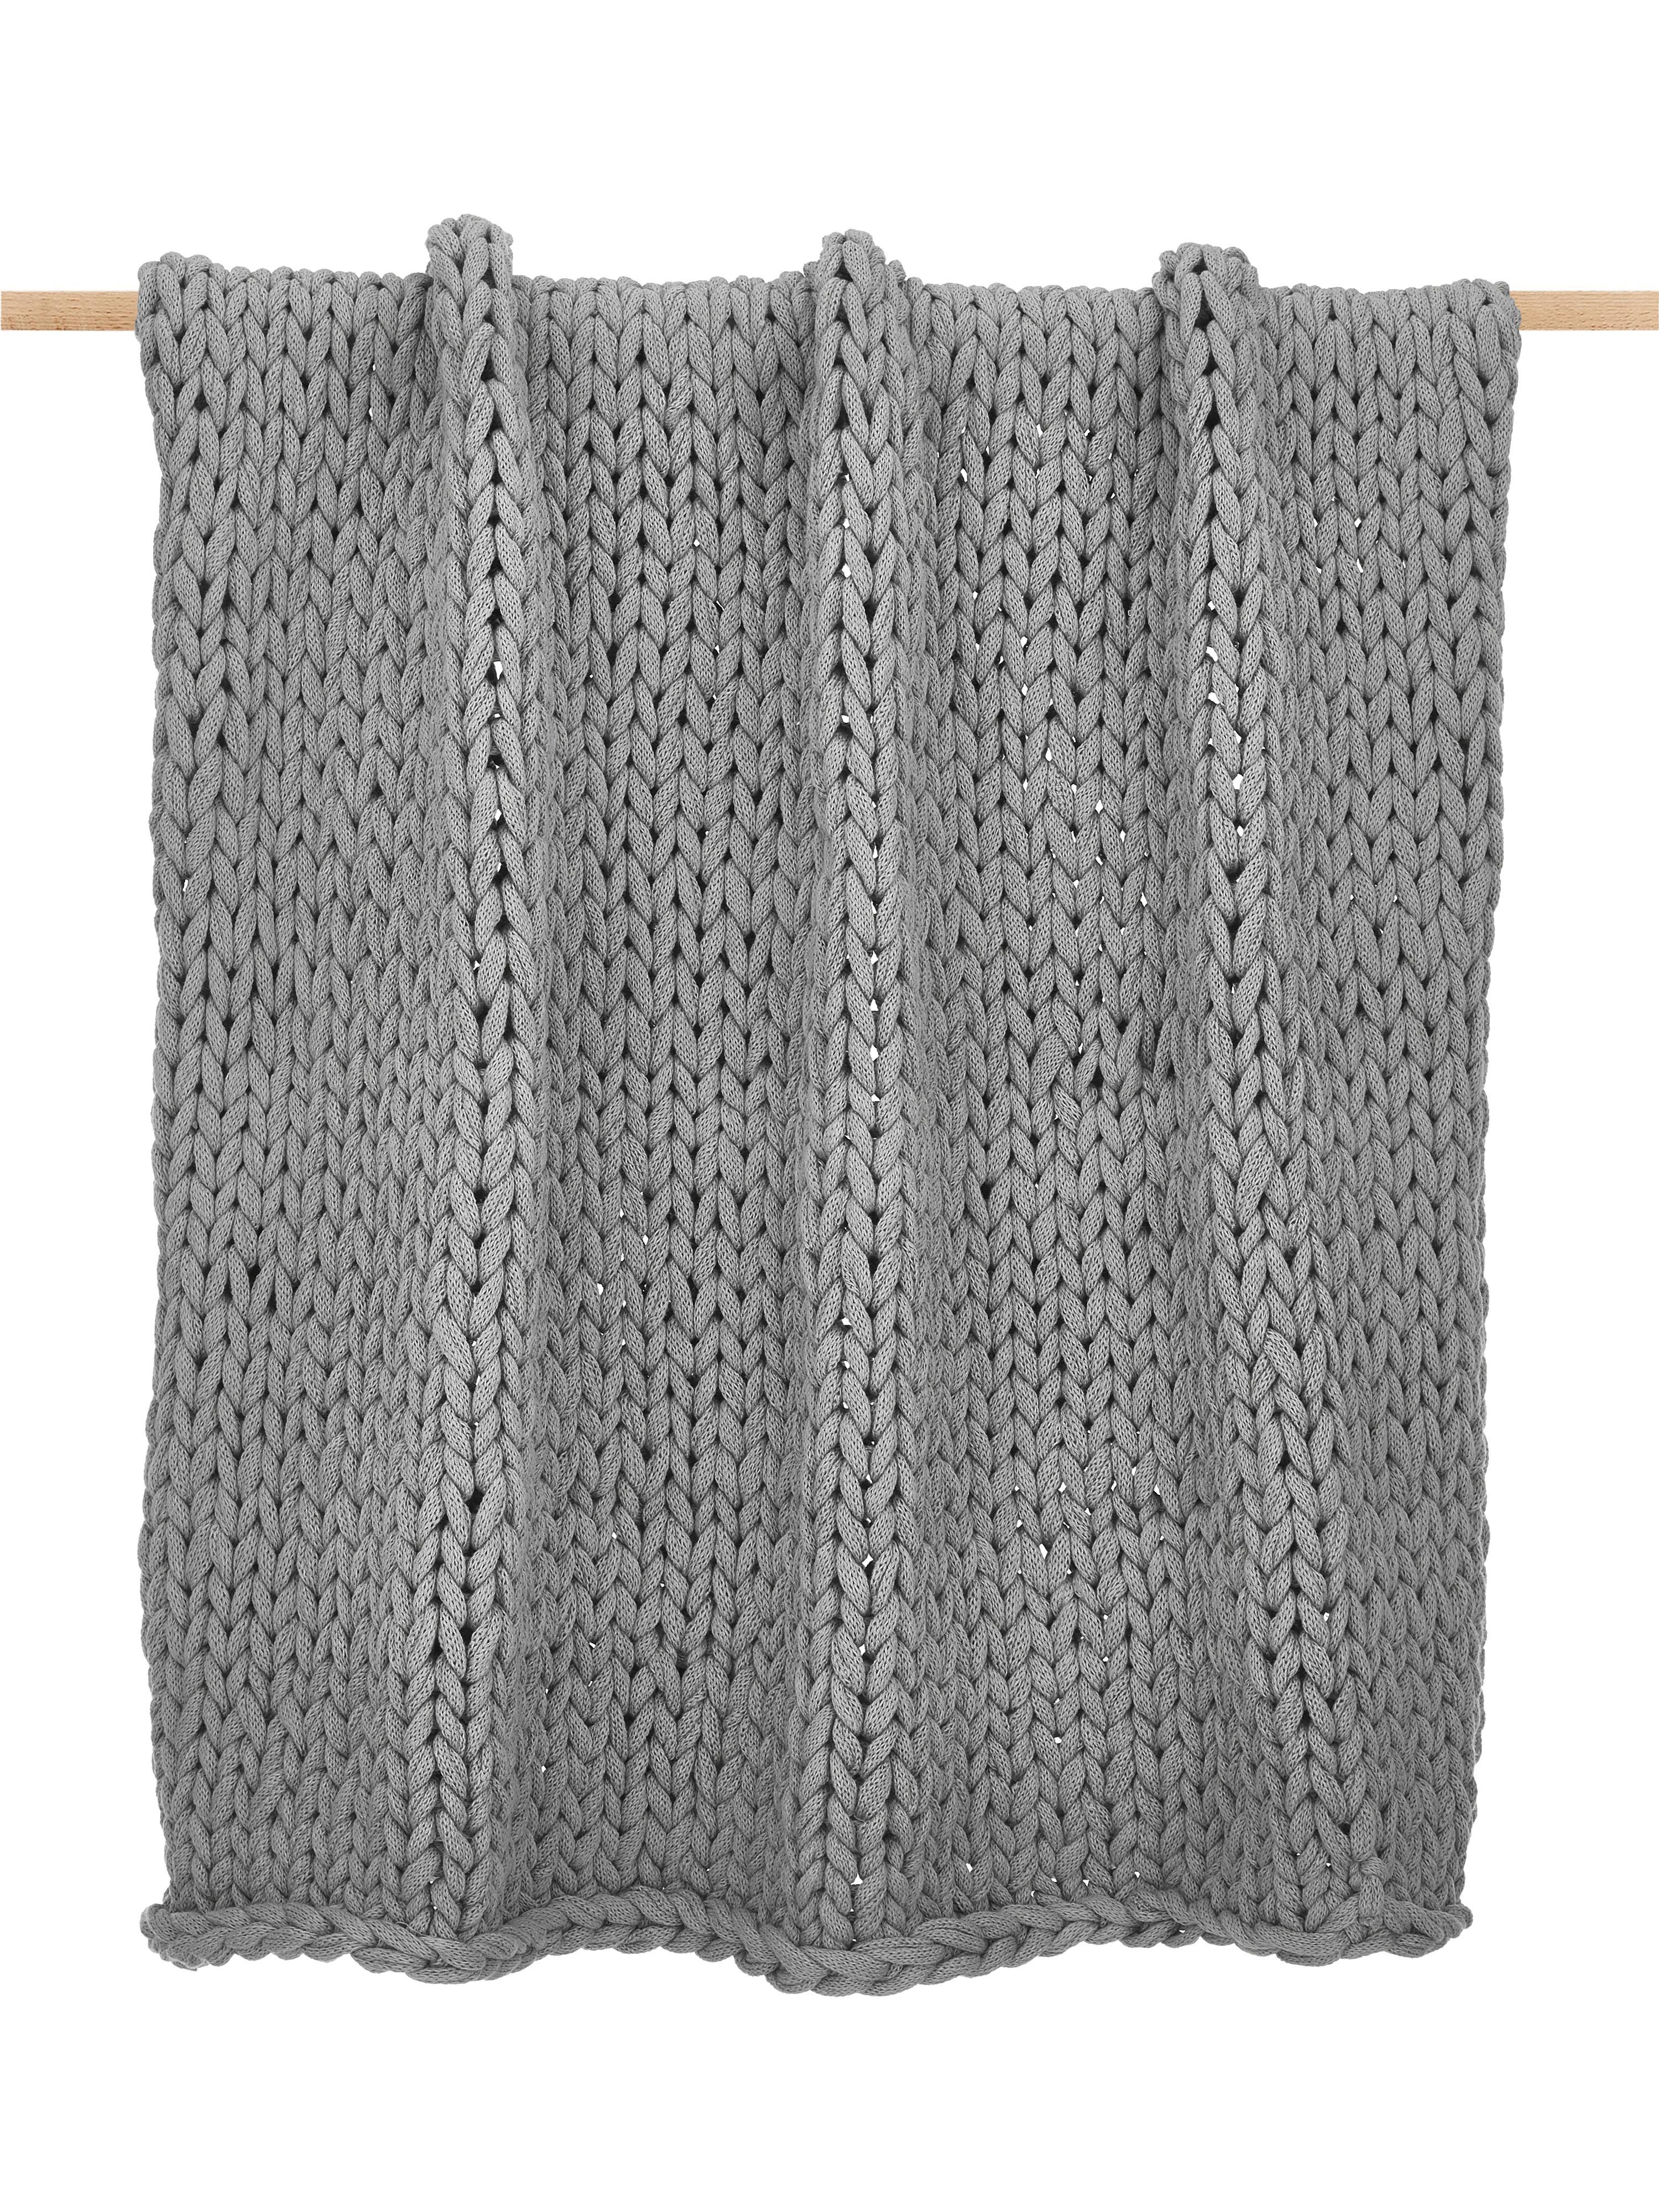 Grofgebreide plaid Adyna in lichtgrijs, 100% polyacryl, Lichtgrijs, 130 x 170 cm